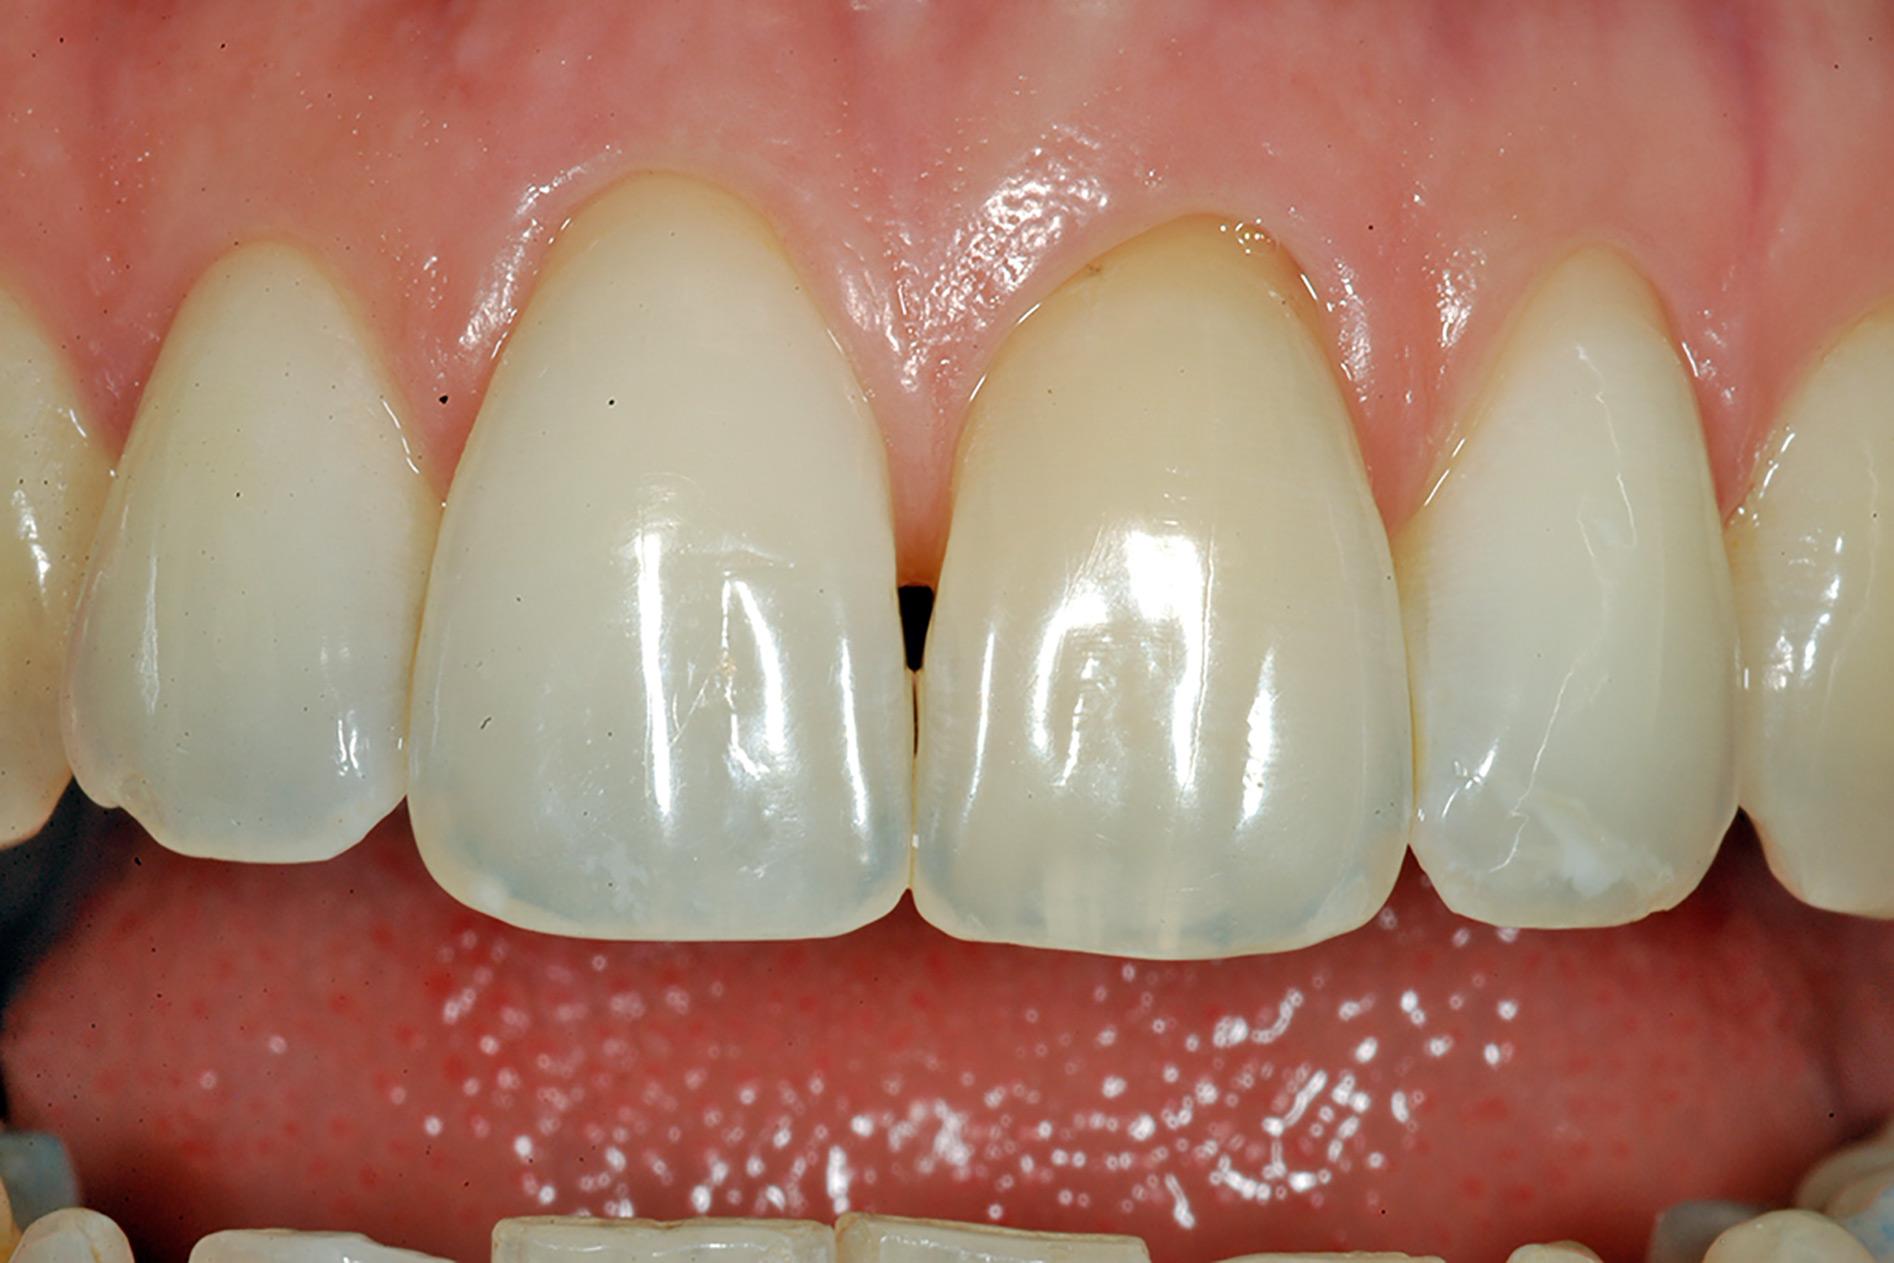 studio-odontoiatrico-crea-viterbo-dente-dopo-una-seduta-di-sbiancamento-professionale